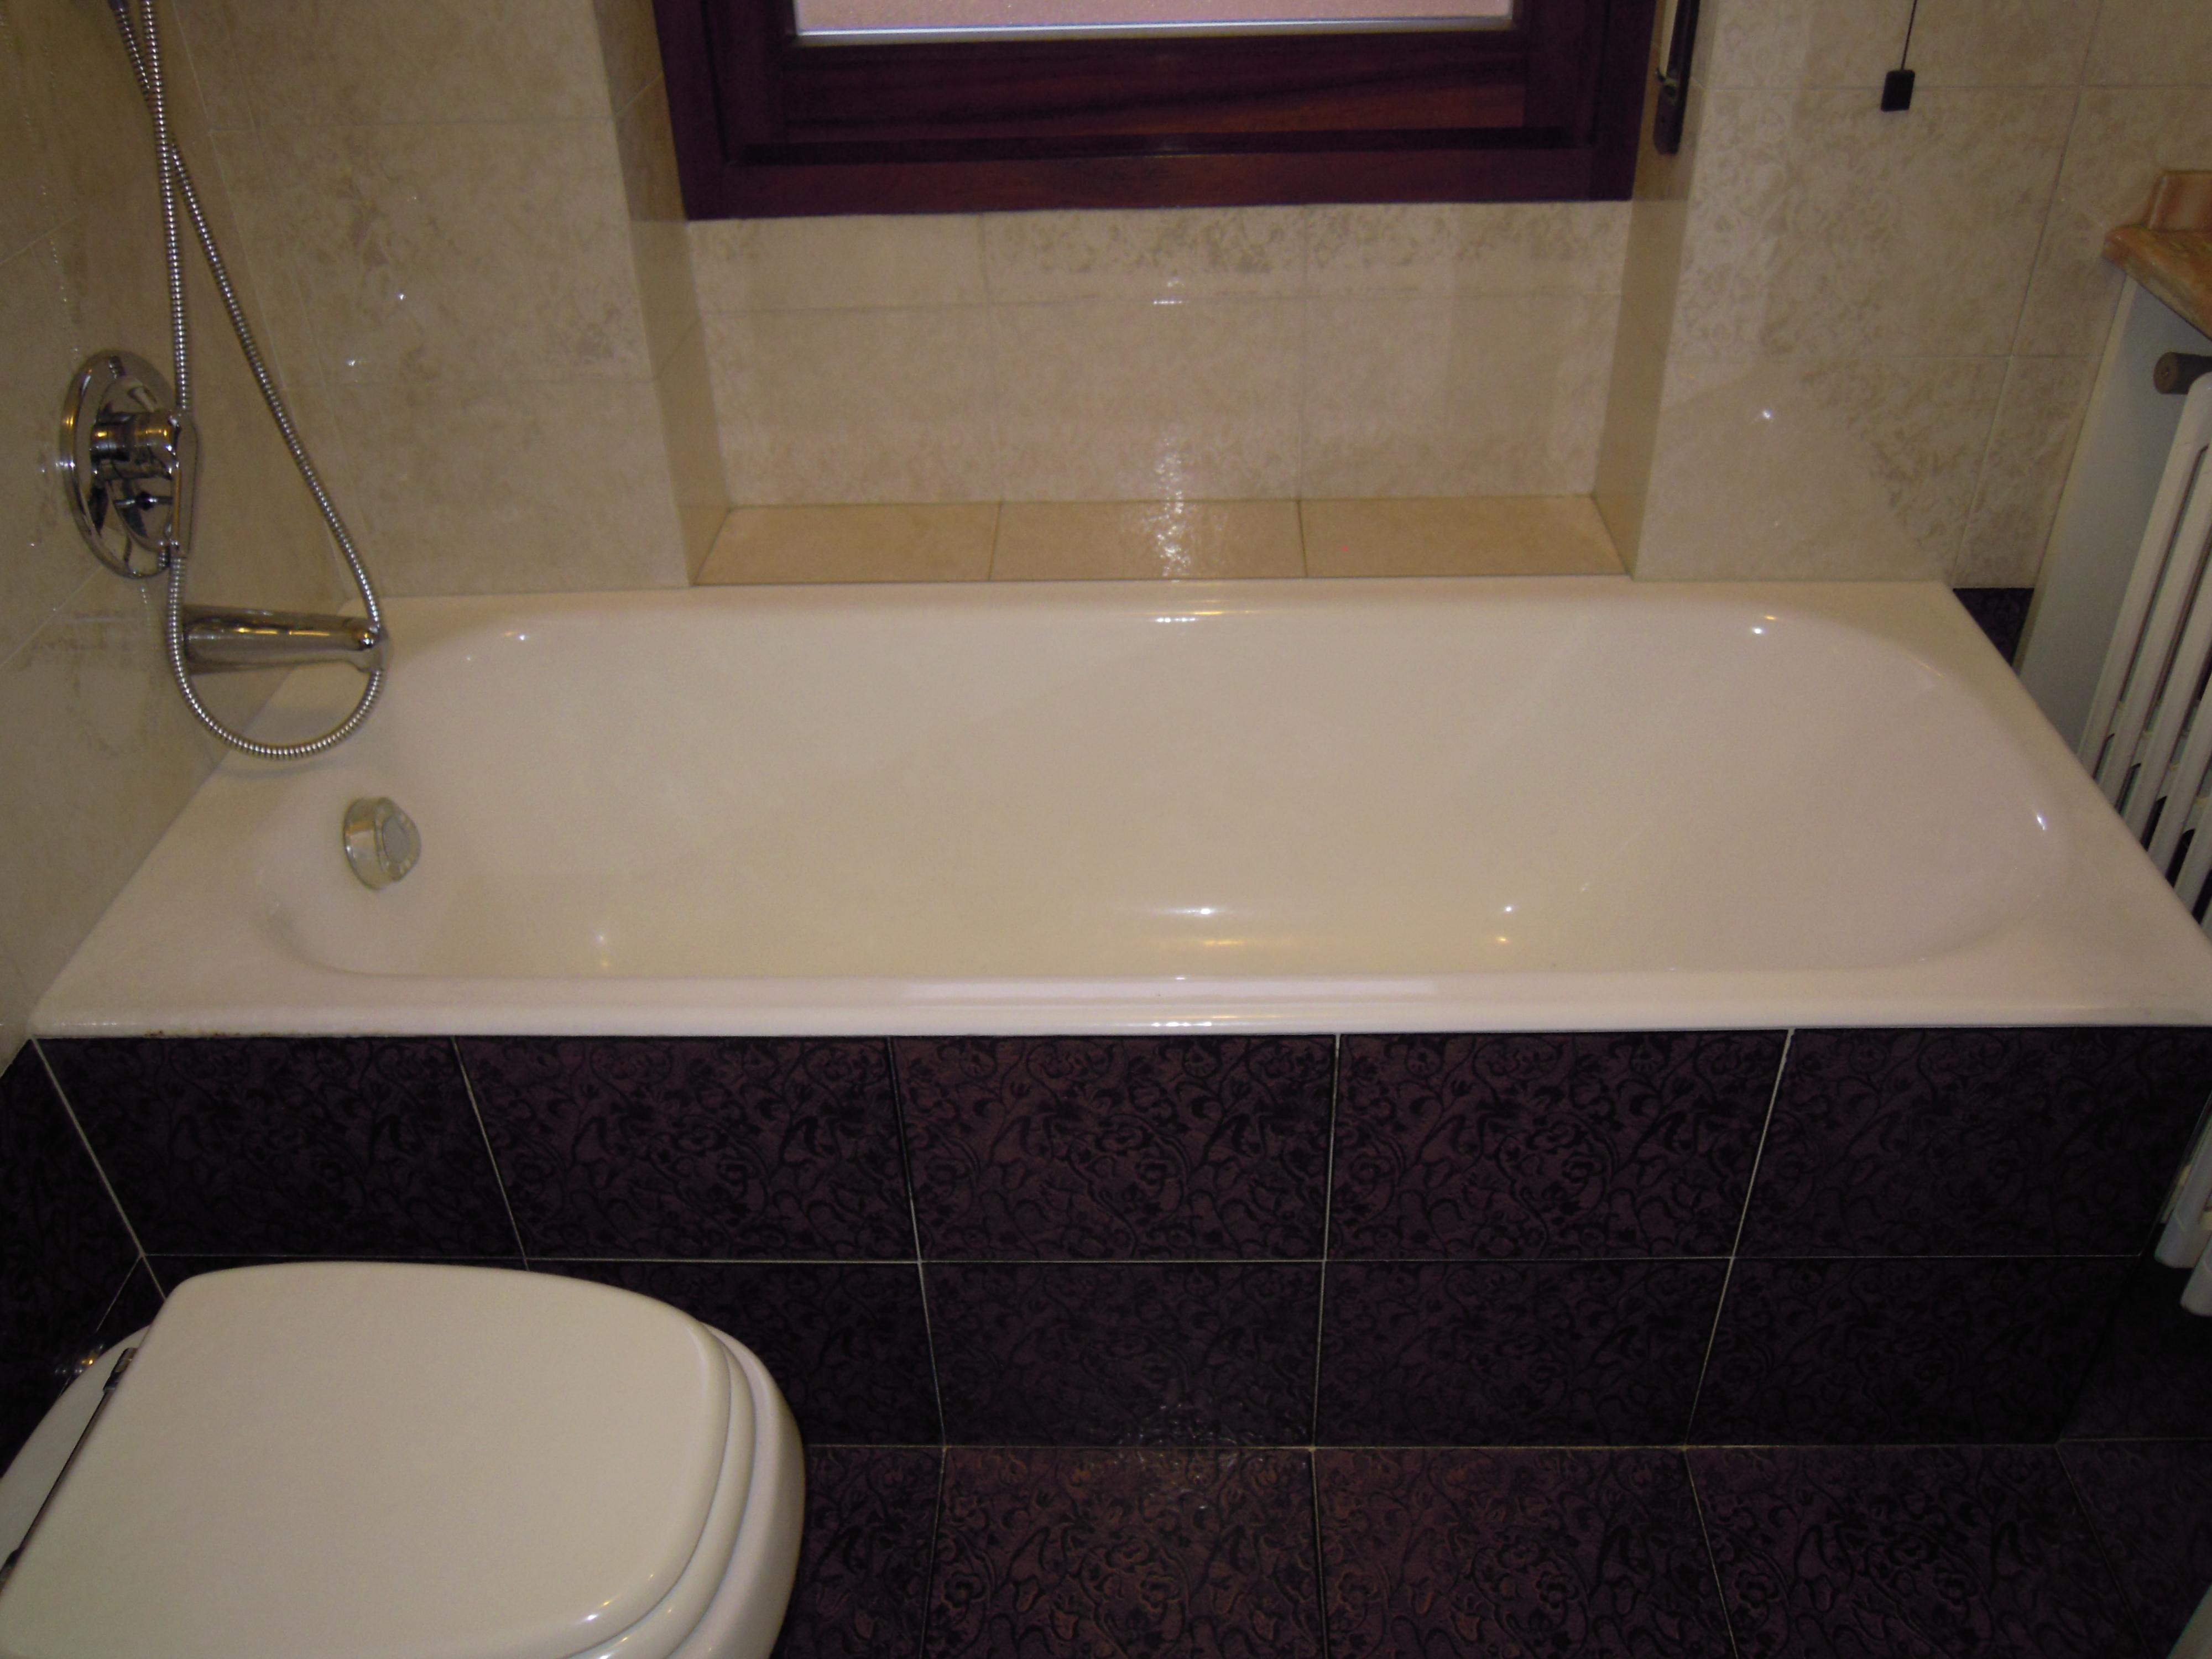 Sostituzione vasca da bagno senza rompere le piastrelle - Sostituzione vasca da bagno ...